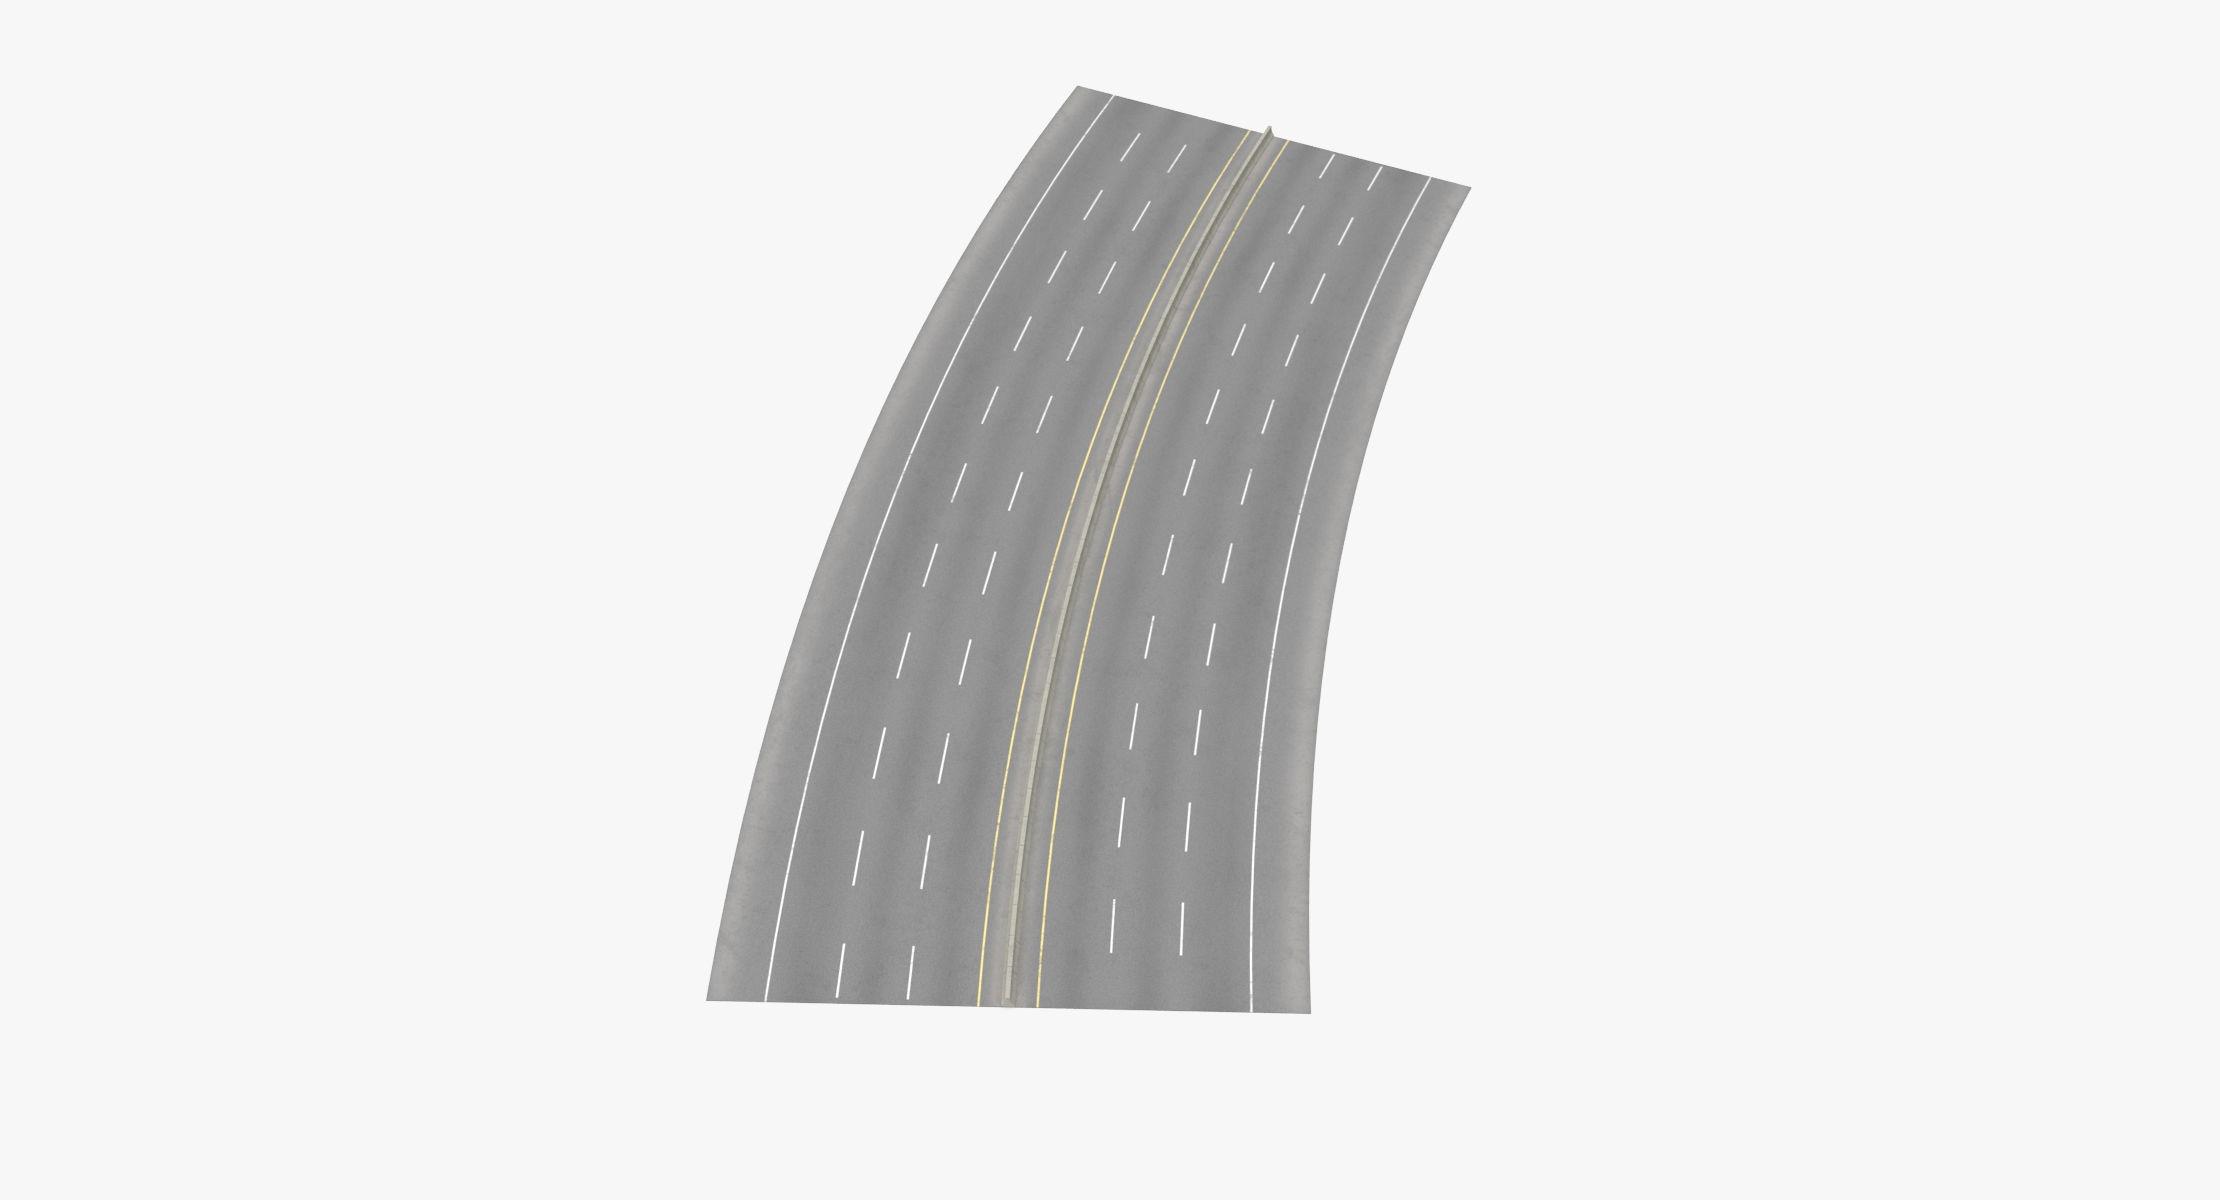 6 Lane Highway 22.5 Degree Turn - 3 Each Way) - reel 1